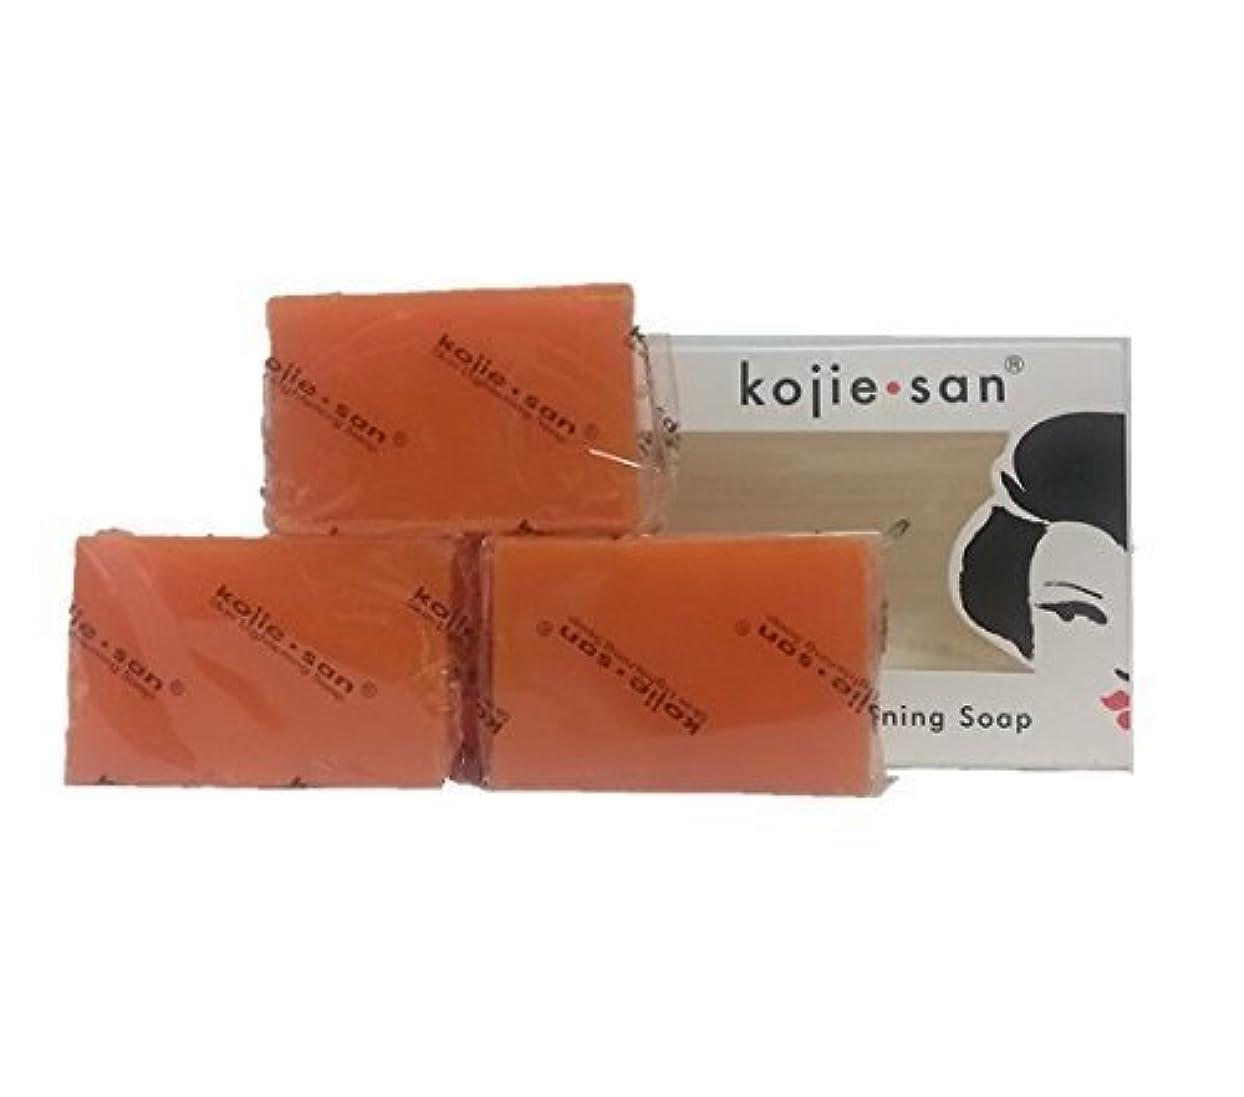 疑問を超えてリード模索Kojie san Skin Lightning Soap 3 pcs こじえさんスキンライトニングソープ3個パック [並行輸入品]